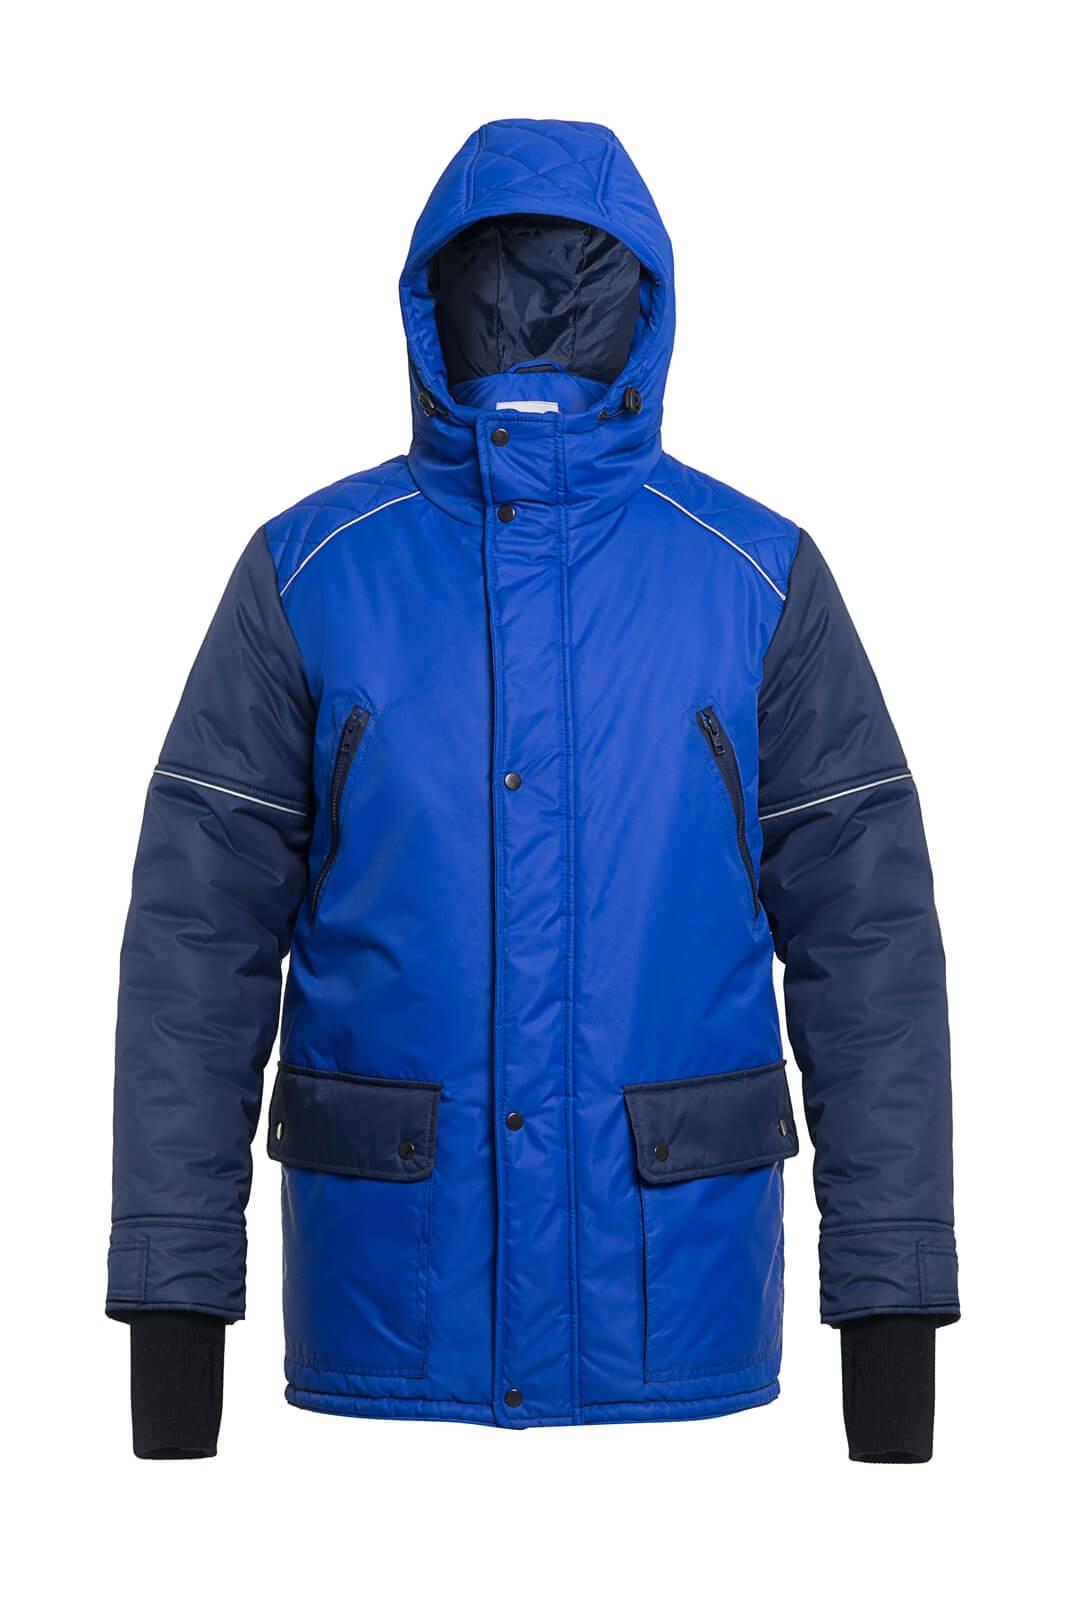 Куртка зимняя рабочая Парка - VT STYLE